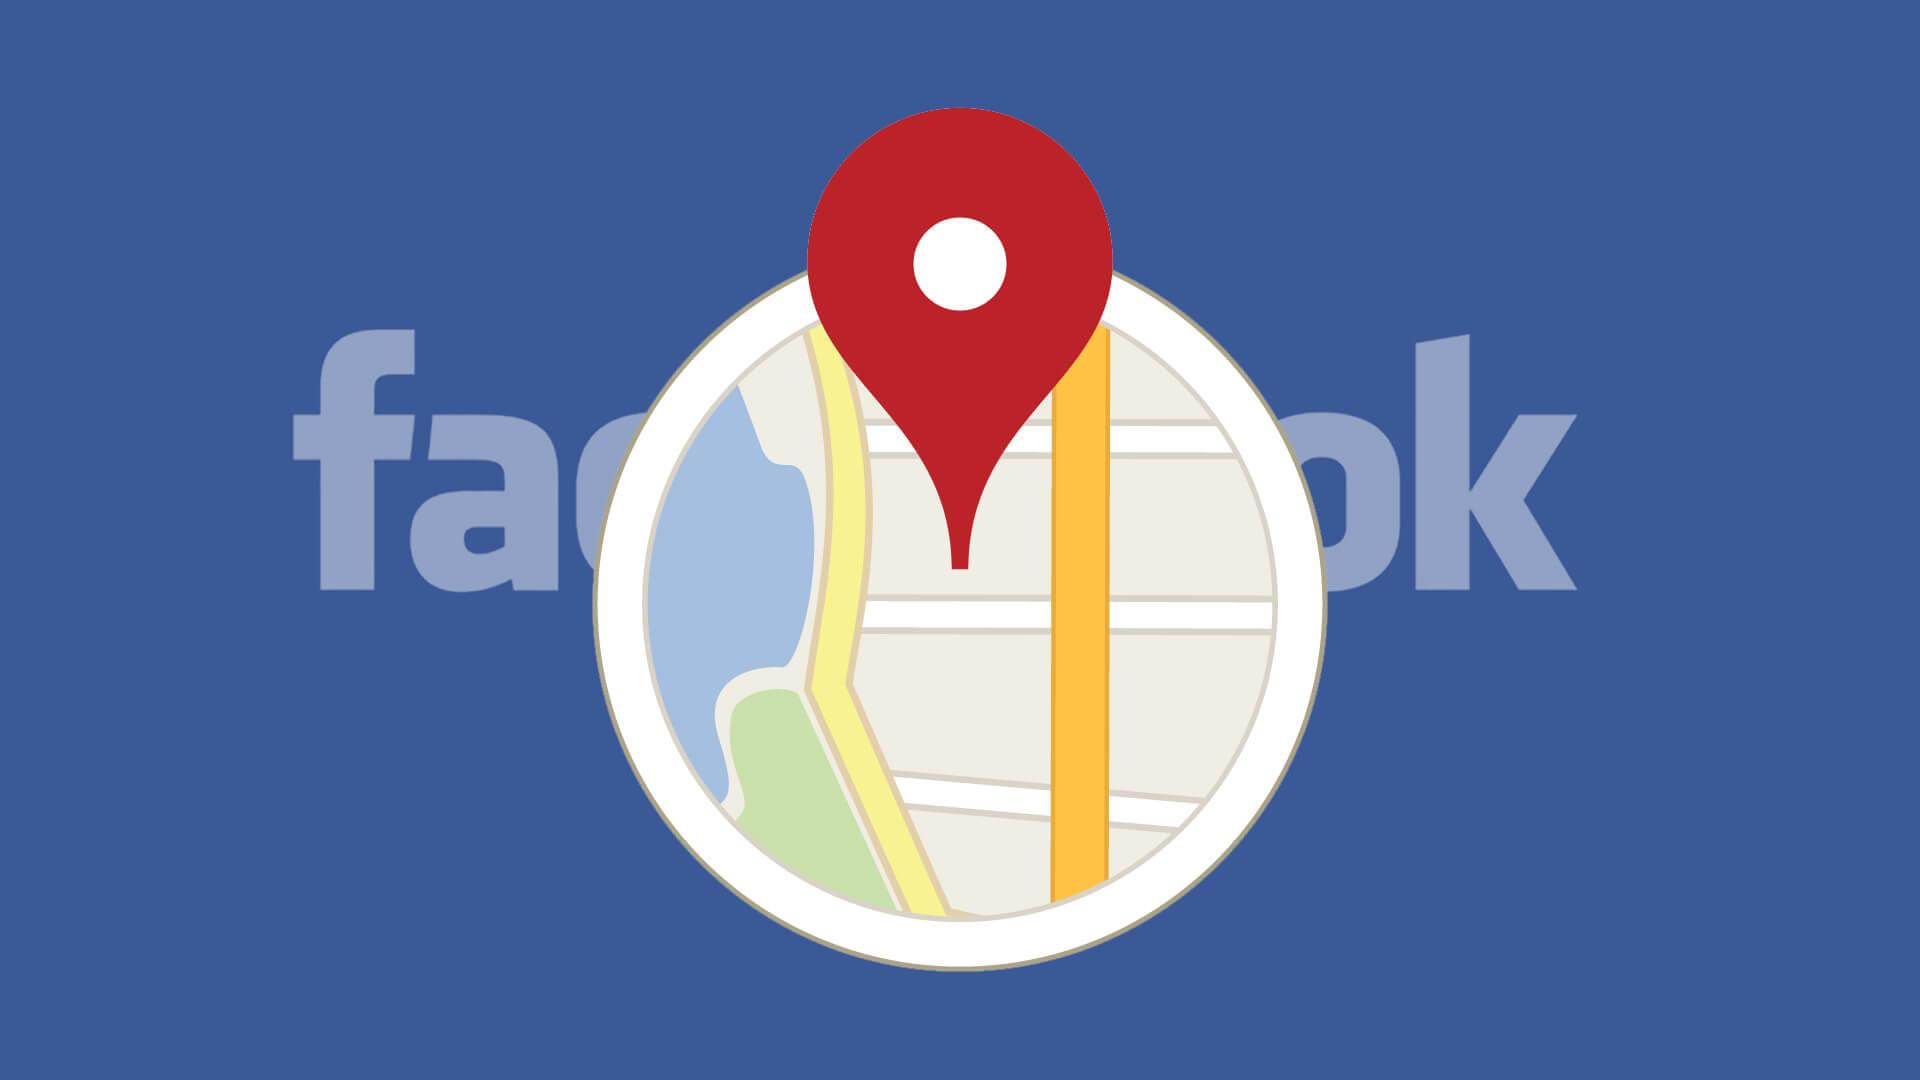 Facebook lanza oficialmente pedidos de alimentos como parte de la evolución del comercio a largo plazo